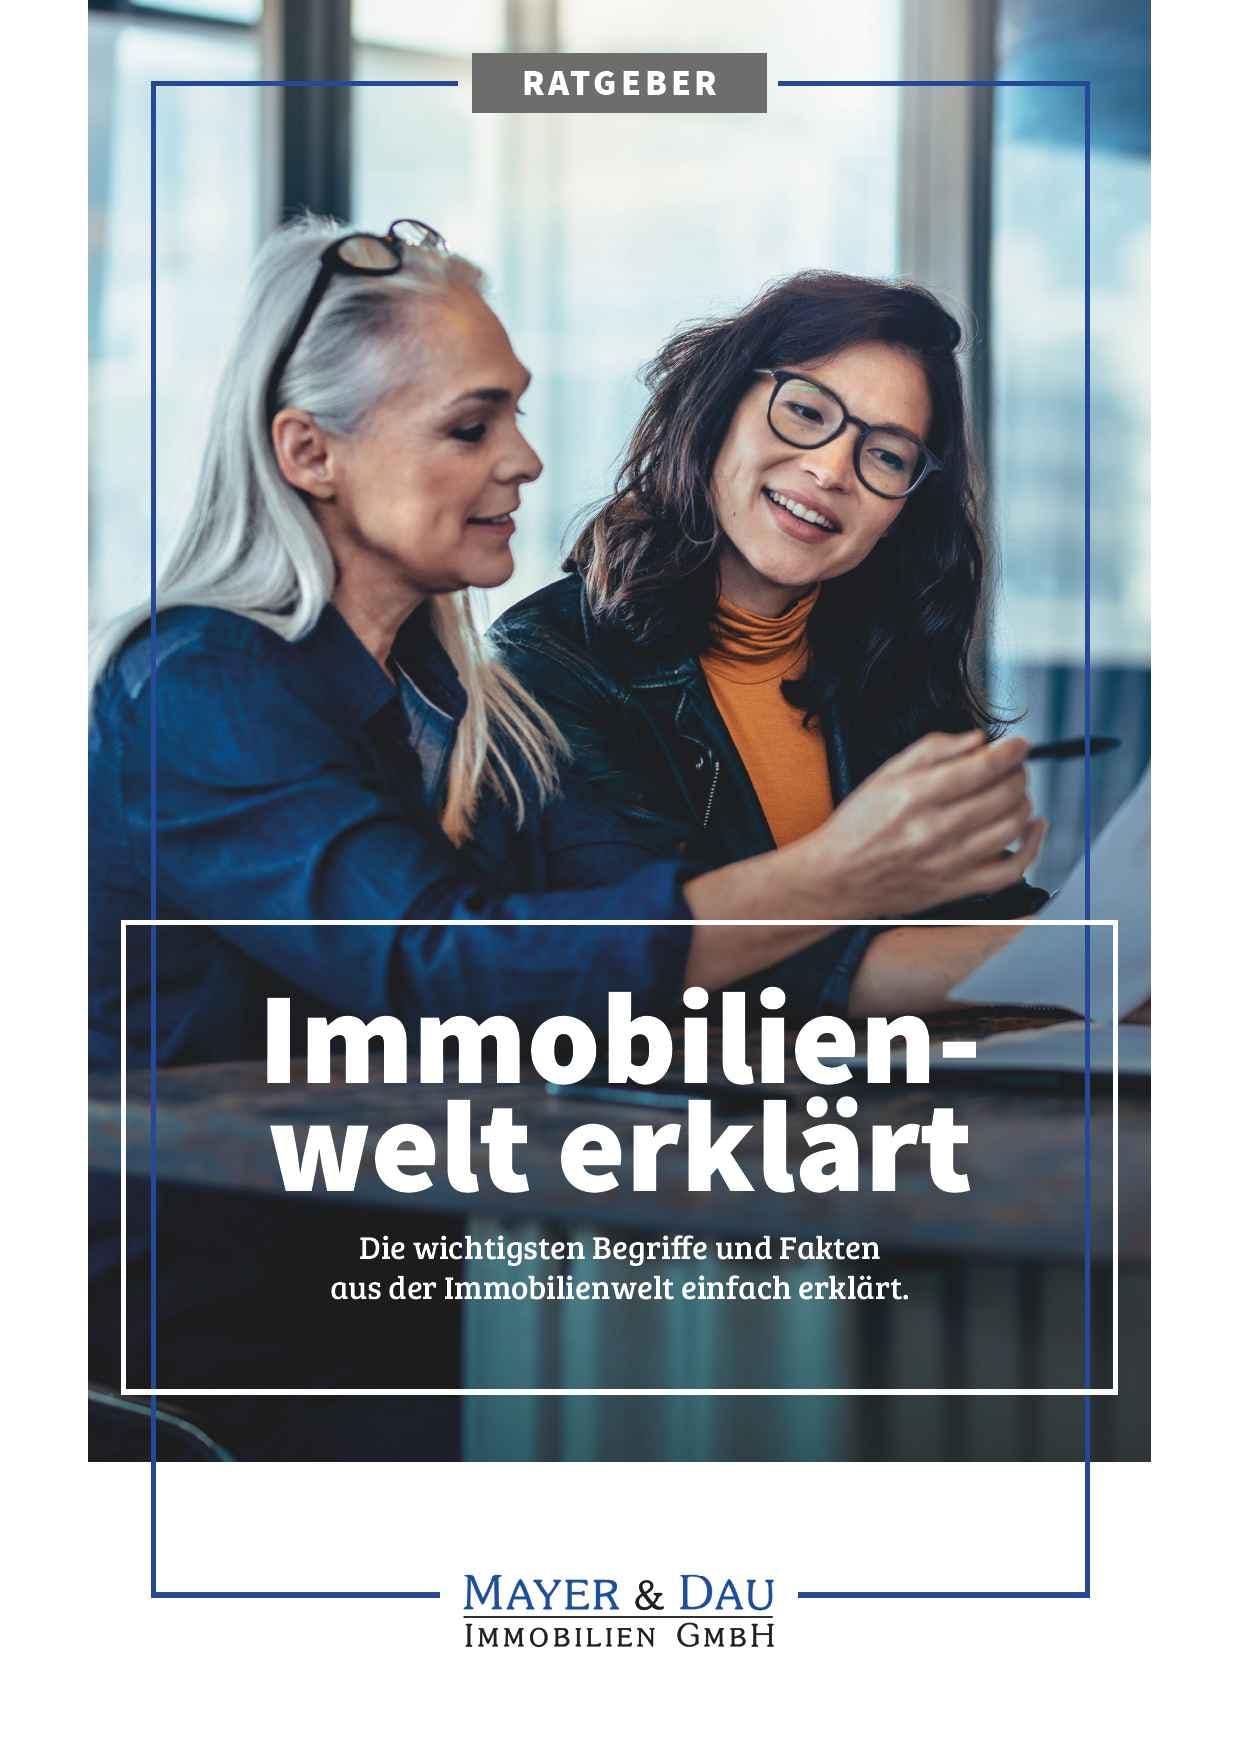 Mayer_und_Dau_Die_Immobilienwelt_erklärt_Cover